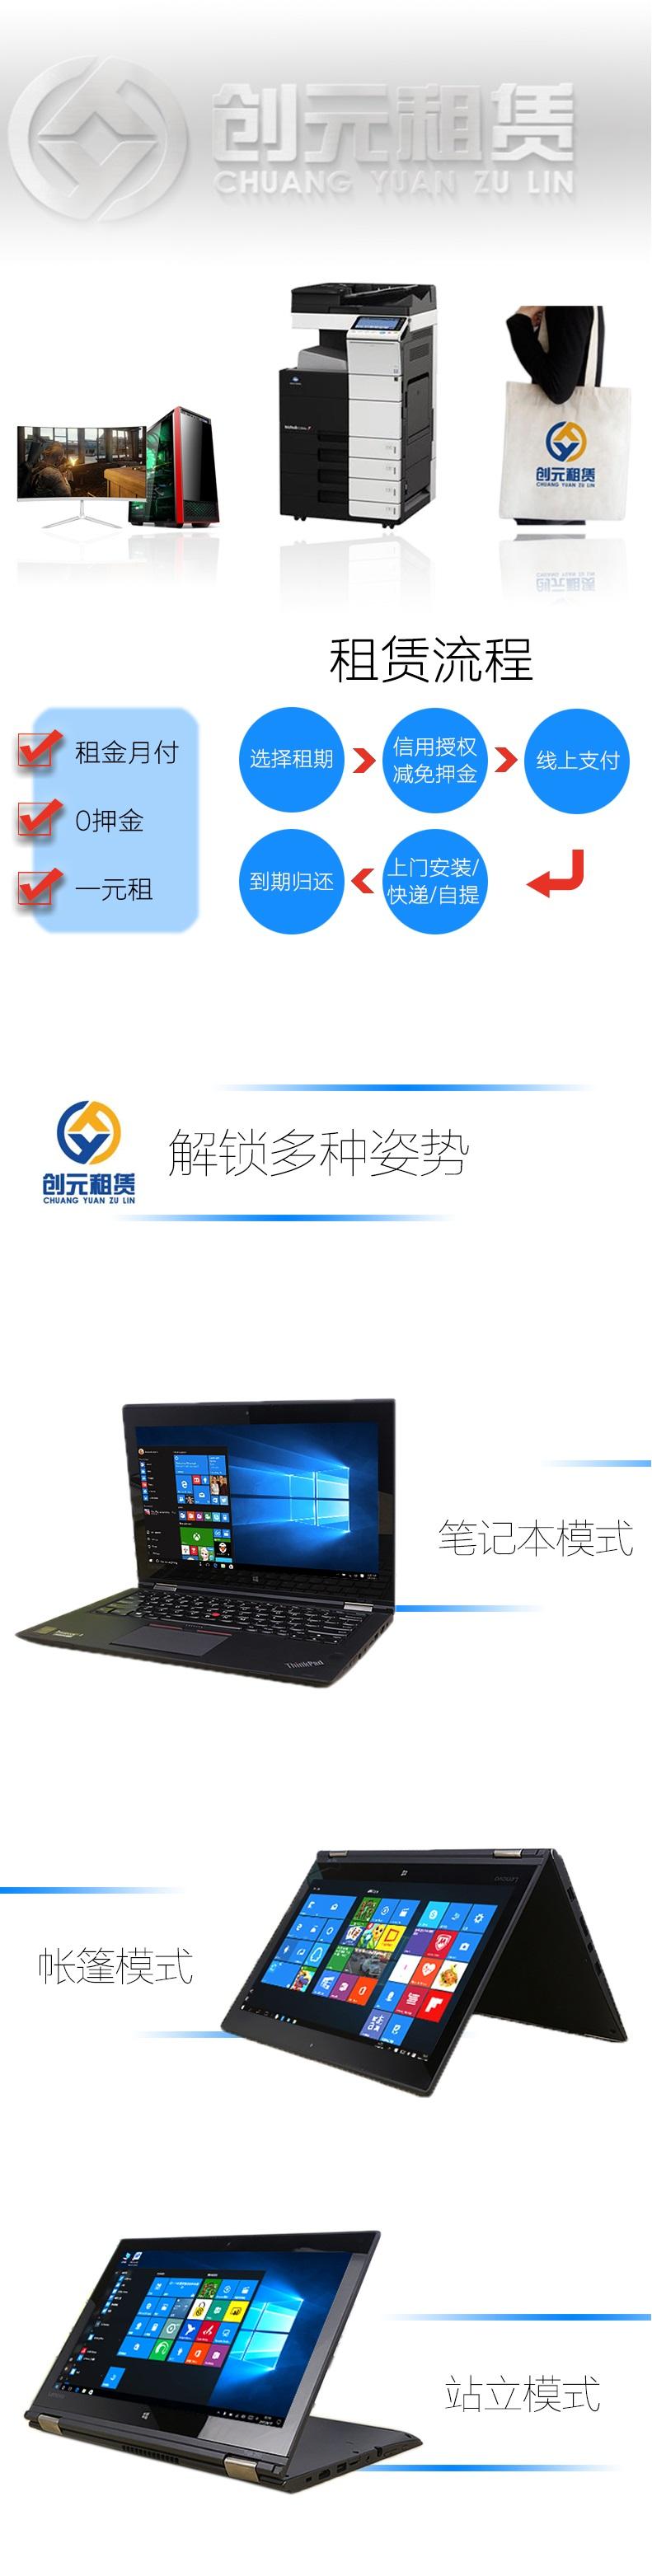 微信图片_20200408095434.jpg